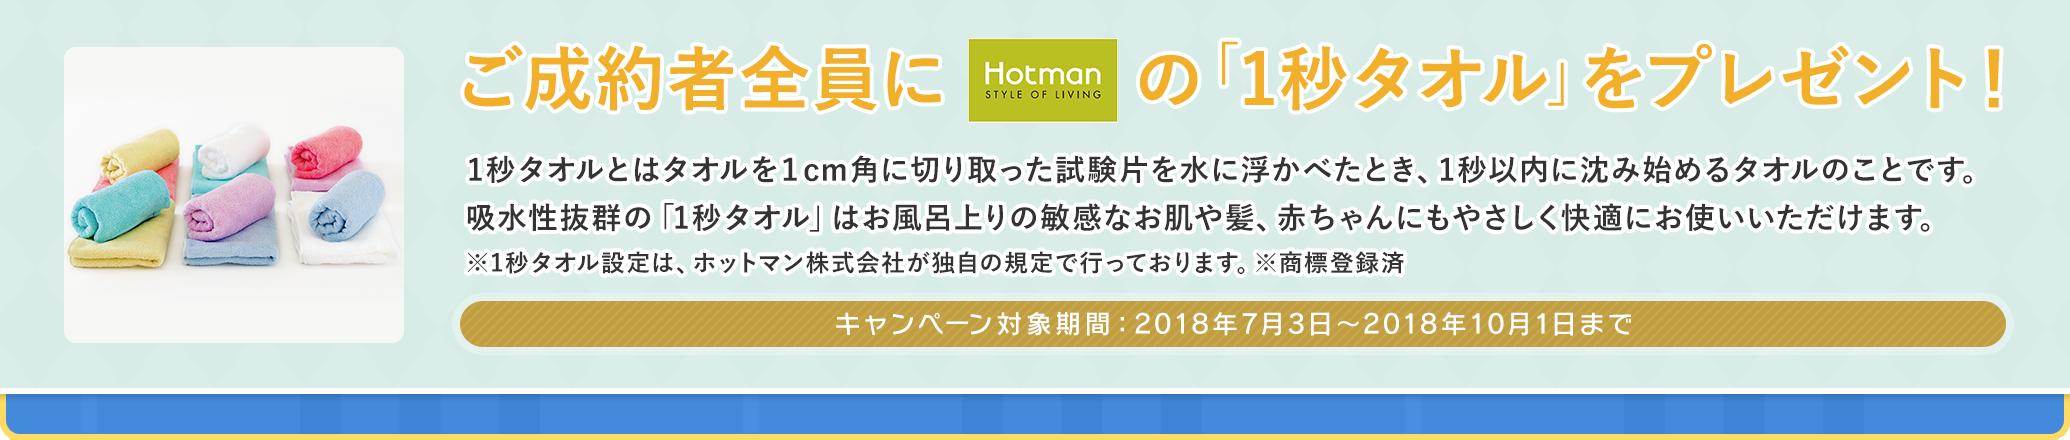 ご成約者全員にHotman STYLE OF LIVINGの「1秒タオル」をプレゼント!キャンペーン対象期間 2018年7月3日〜2018年10月1日まで